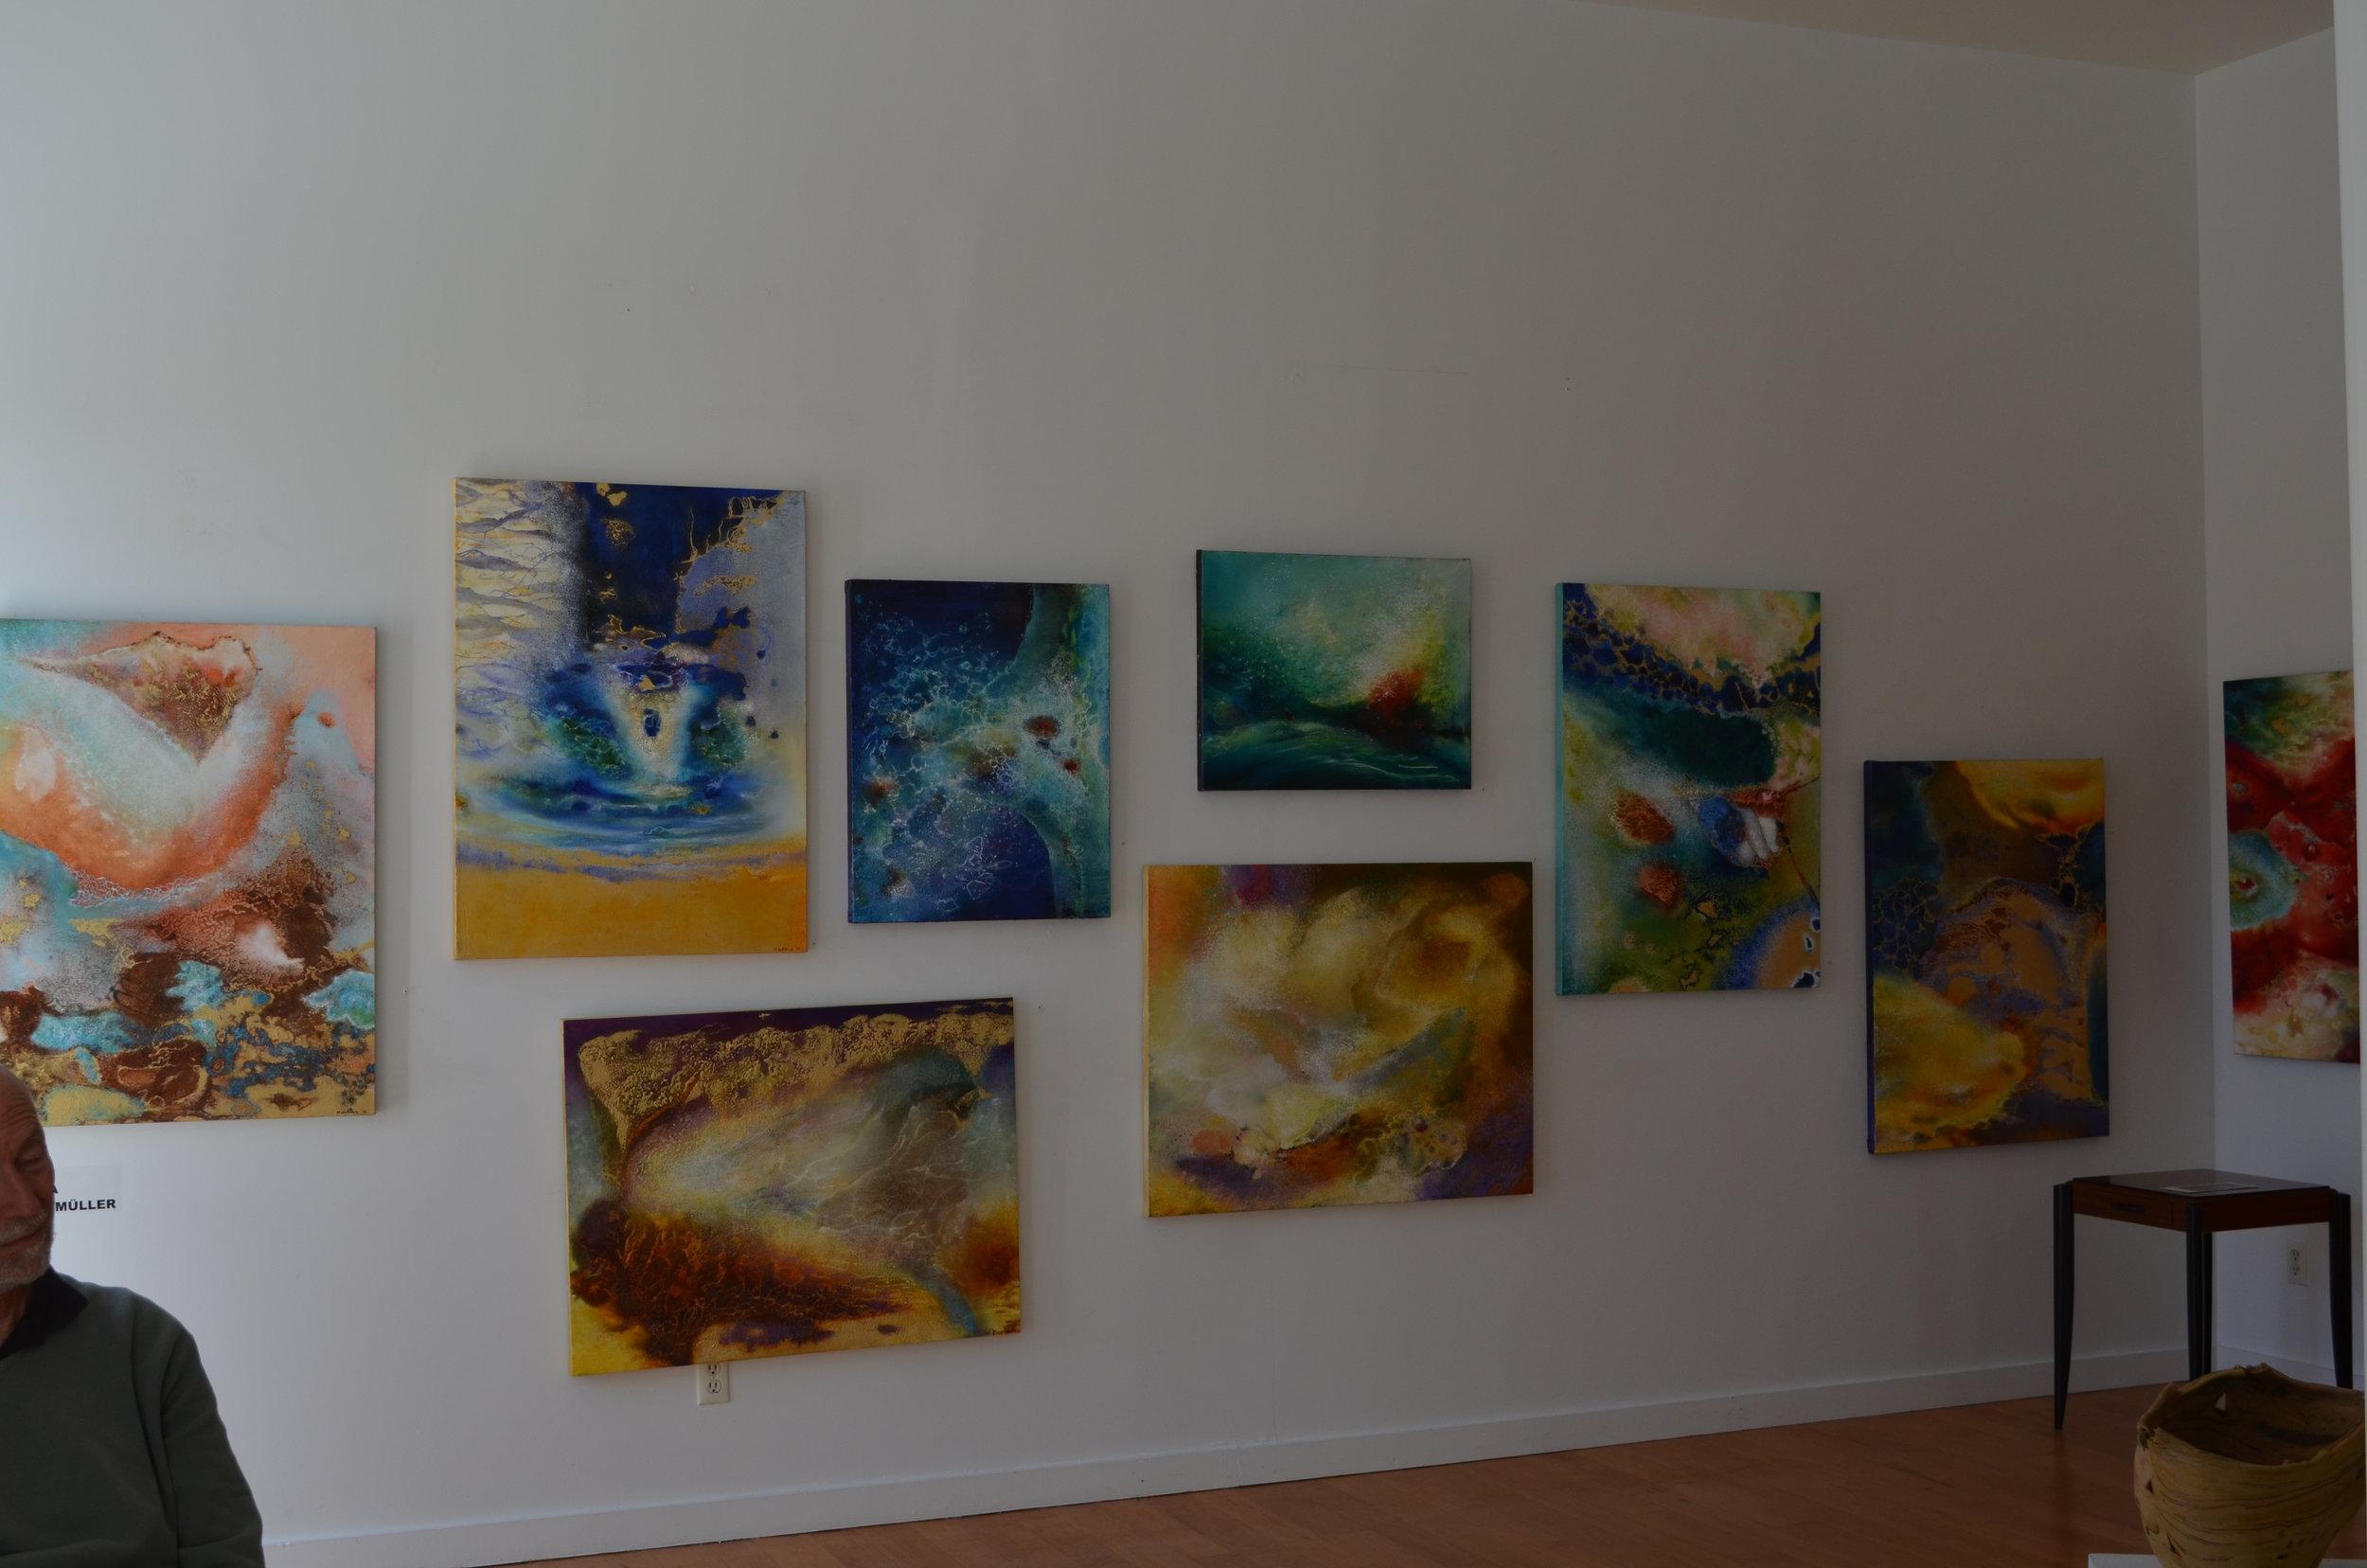 Show at Diana Felber Gallery, September/October 2016